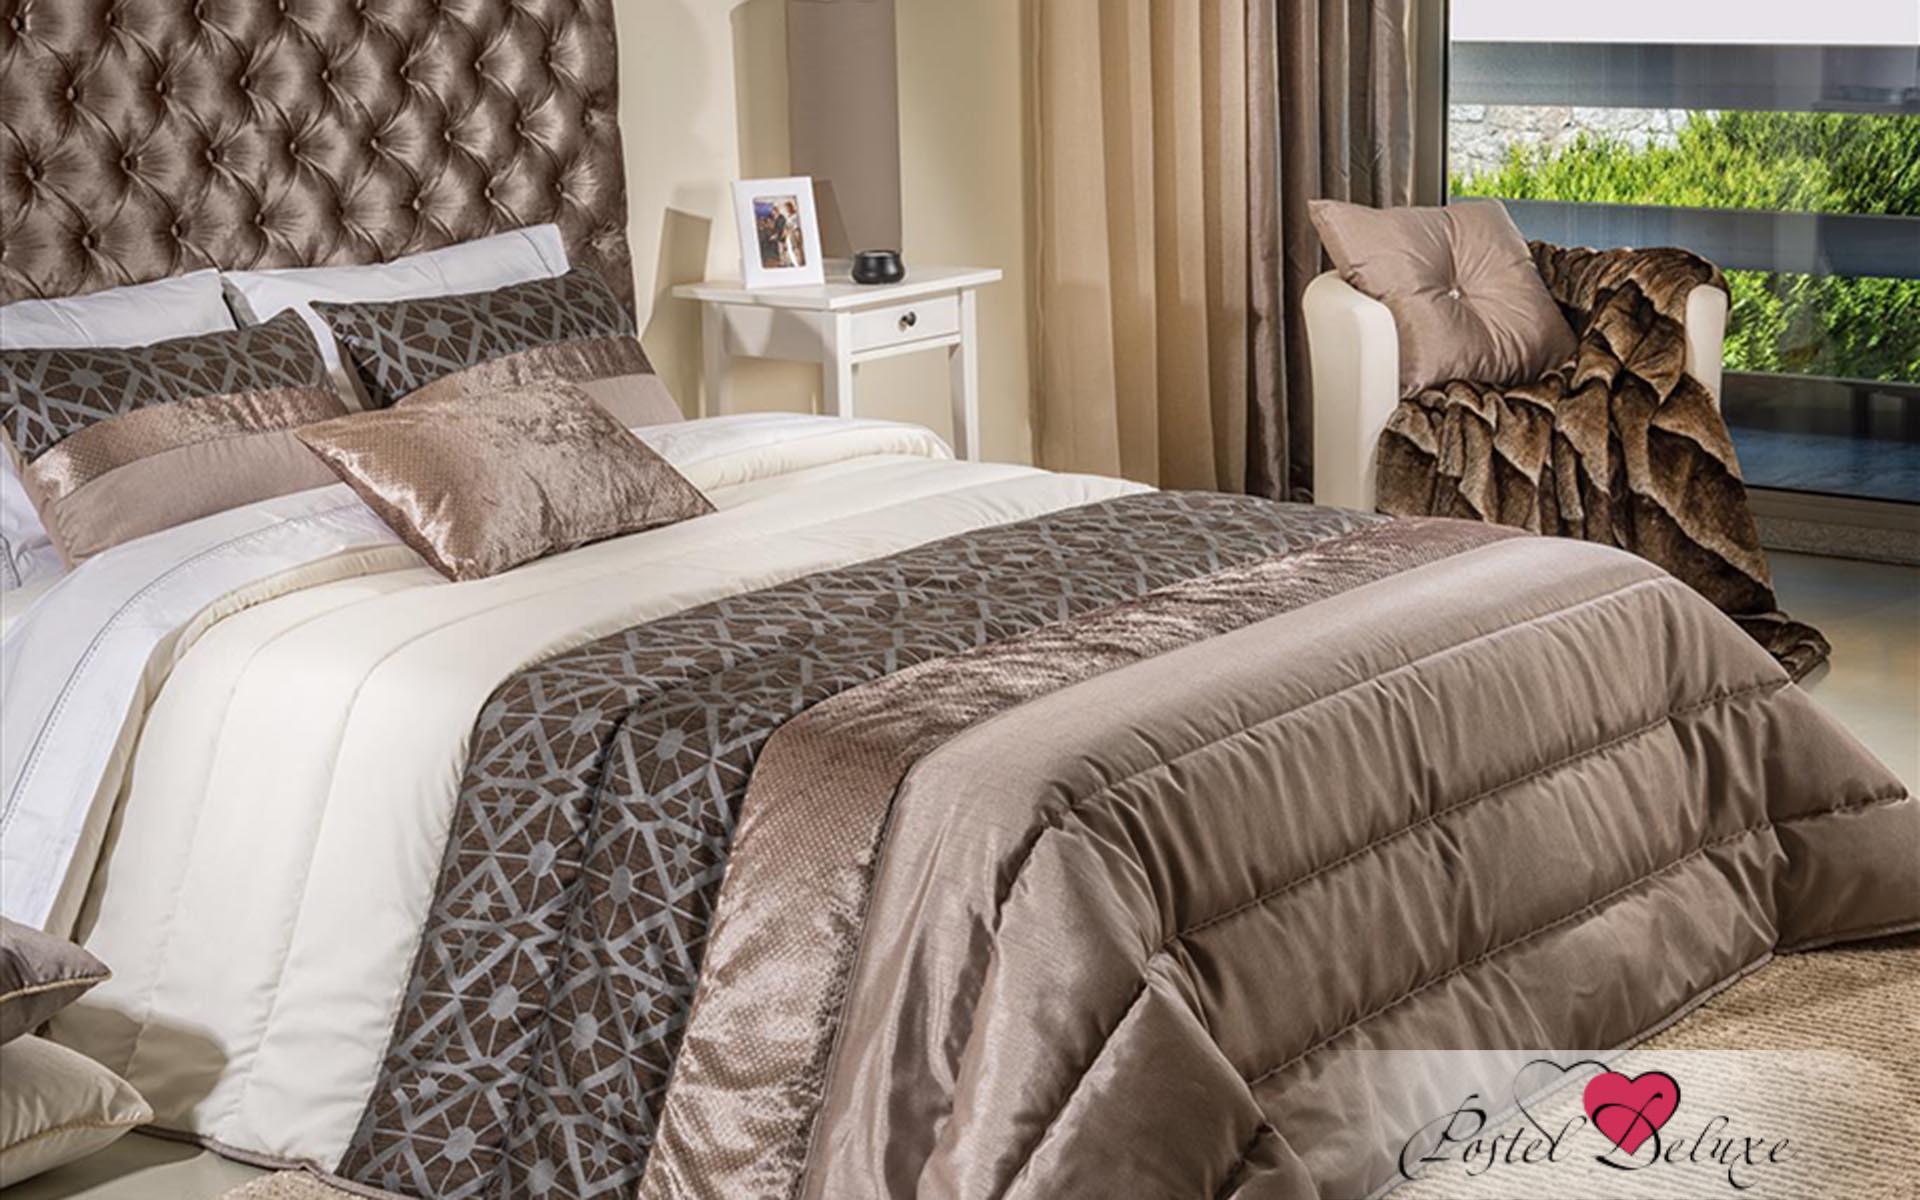 Покрывала на кровать в спальню (105 фото) - красивые и стильные идеи